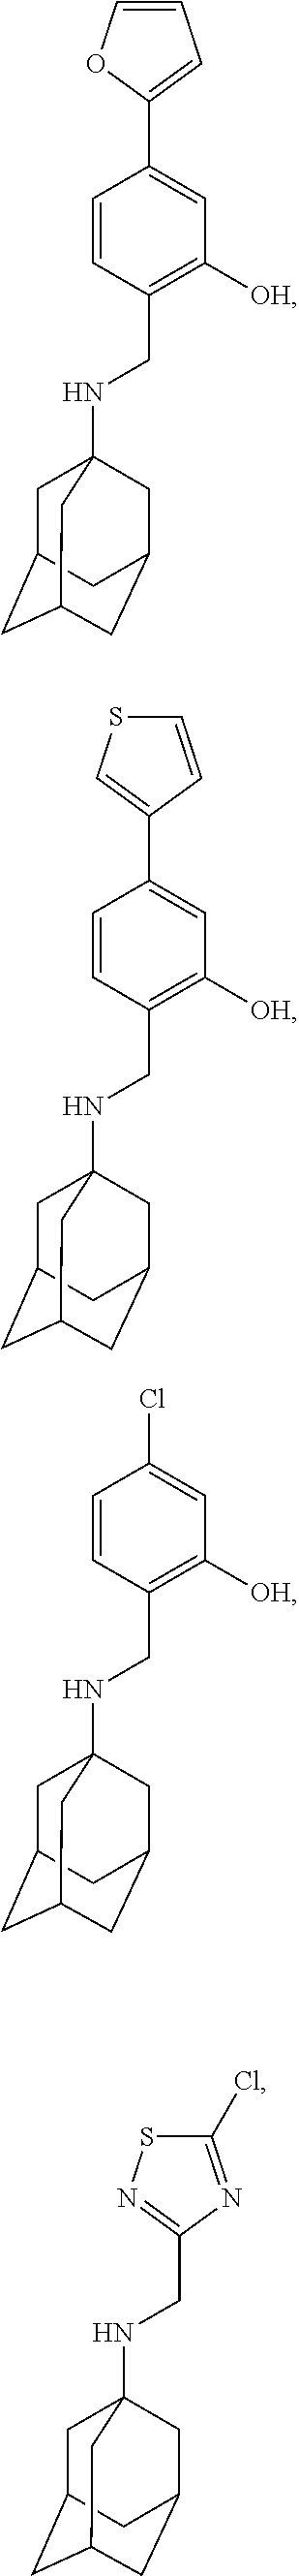 Figure US09884832-20180206-C00183